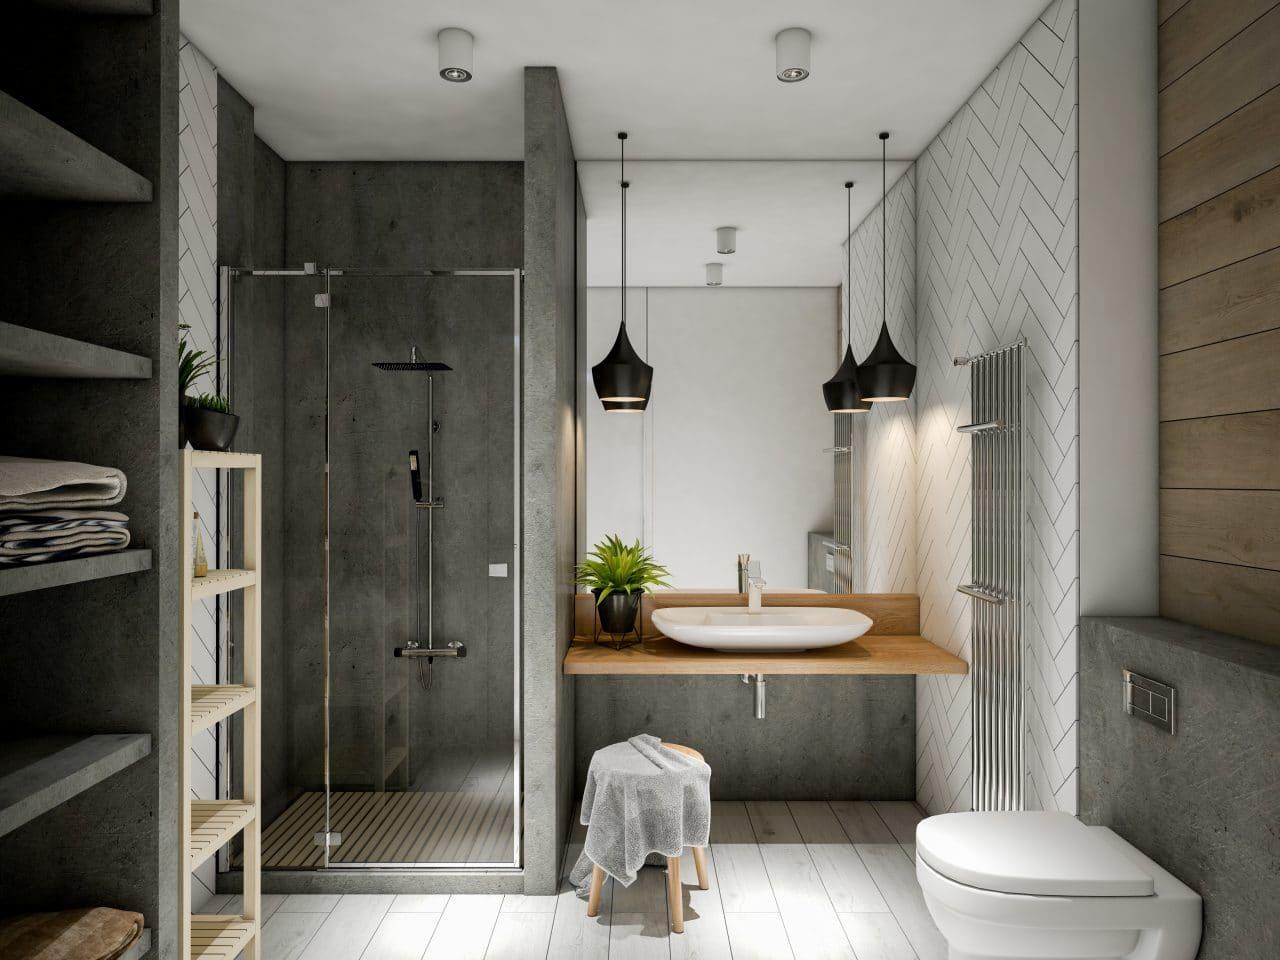 salle de bain avec douche, lavabo et WC